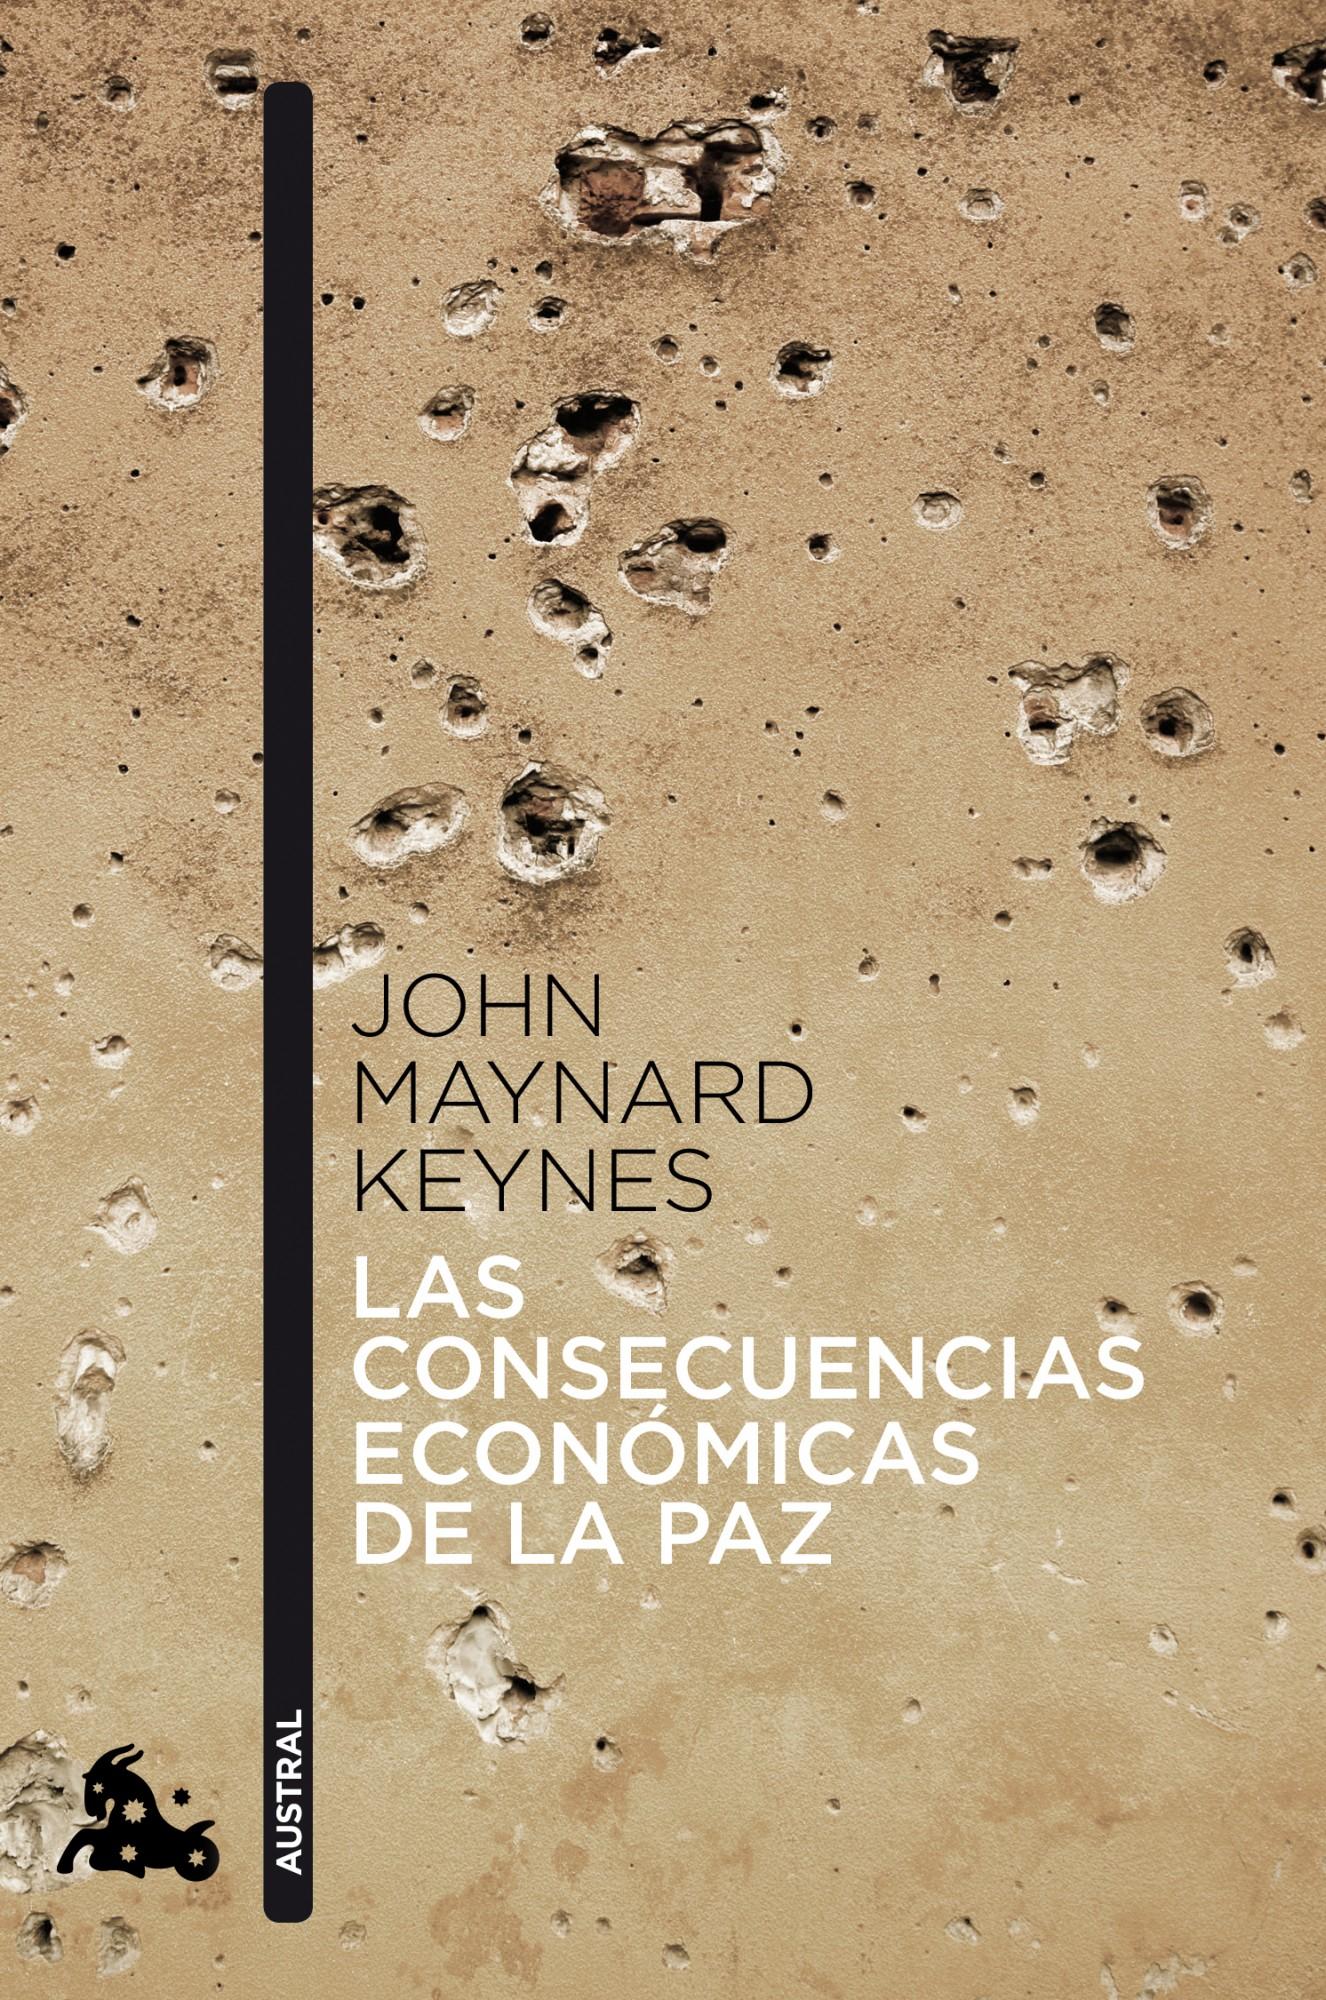 las consecuencias economicas de la paz-john maynard keynes-9788408041382